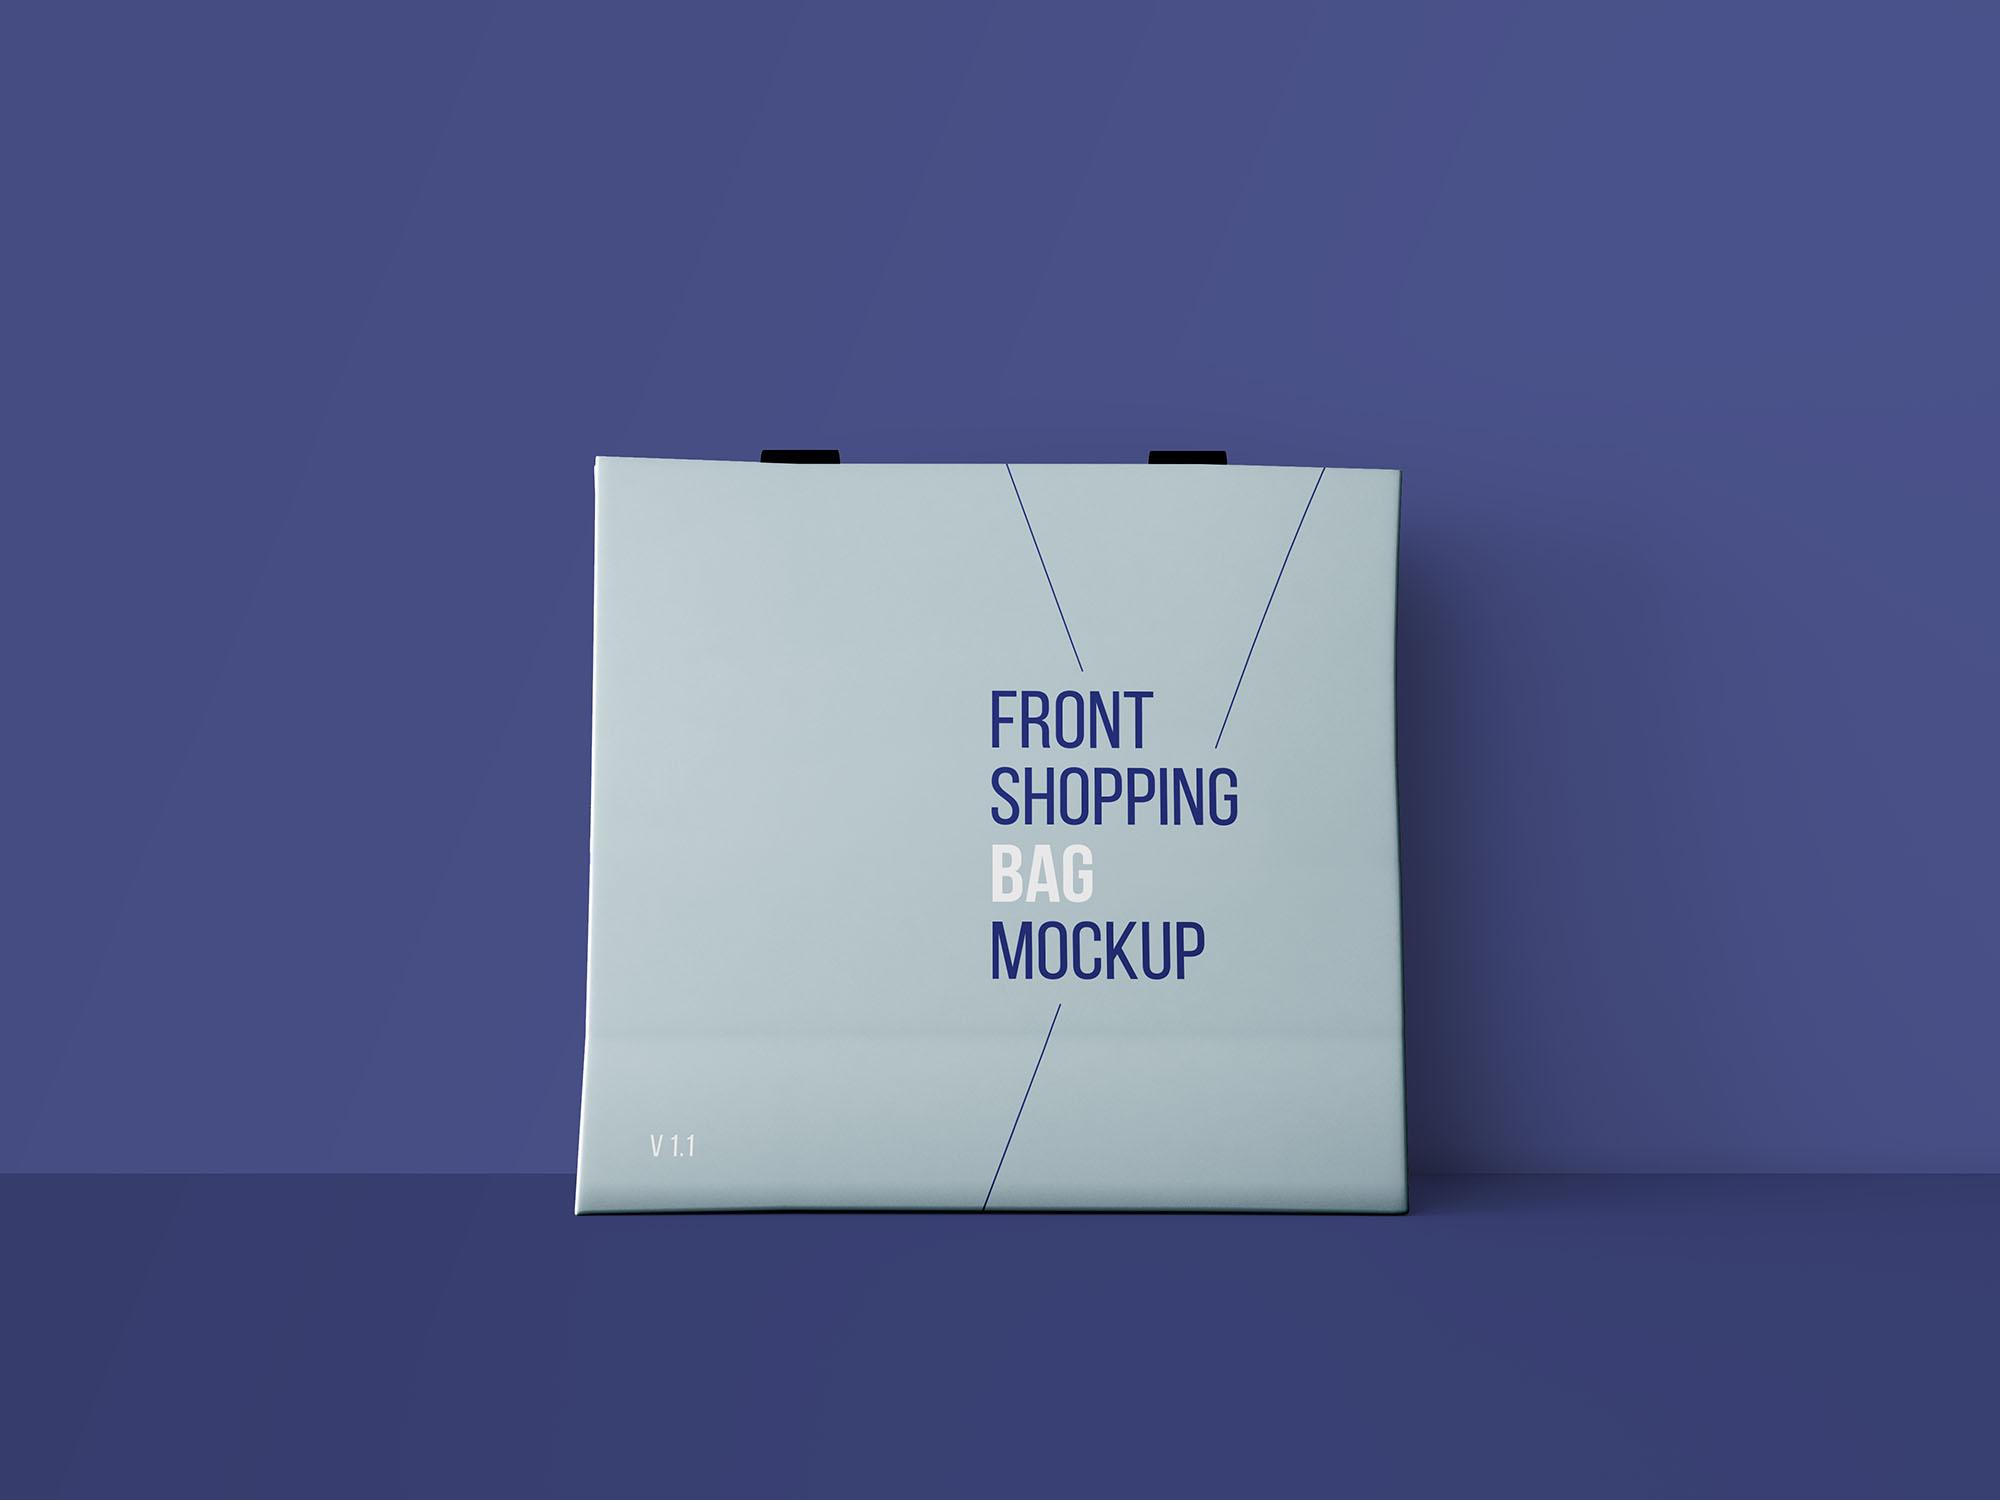 时尚购物袋、纸袋、拎袋、手袋模版素材 - PSD源文件样机素材